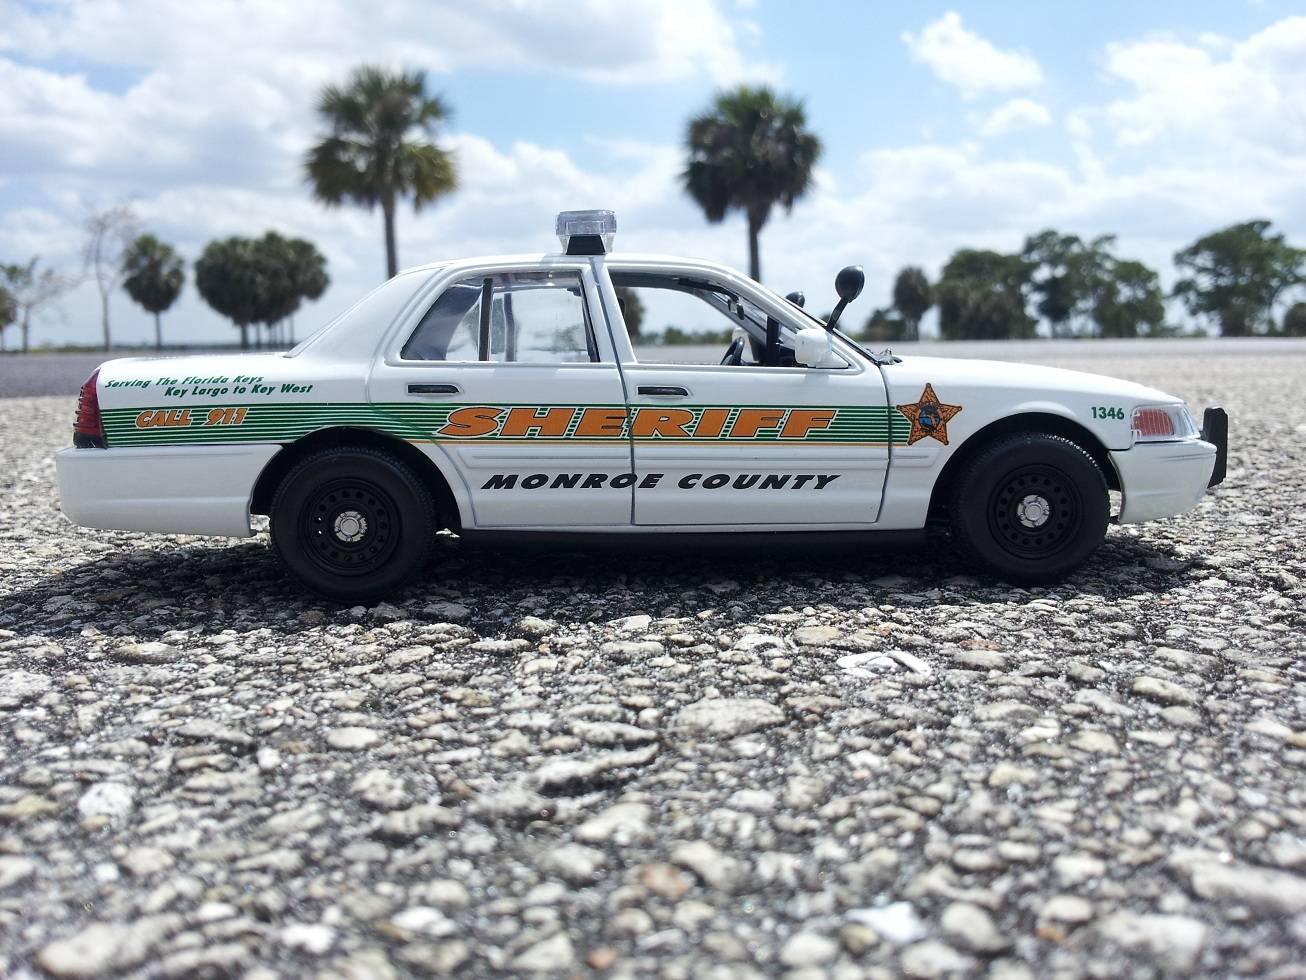 Key West Florida Police Car Decals 1:24 Custom